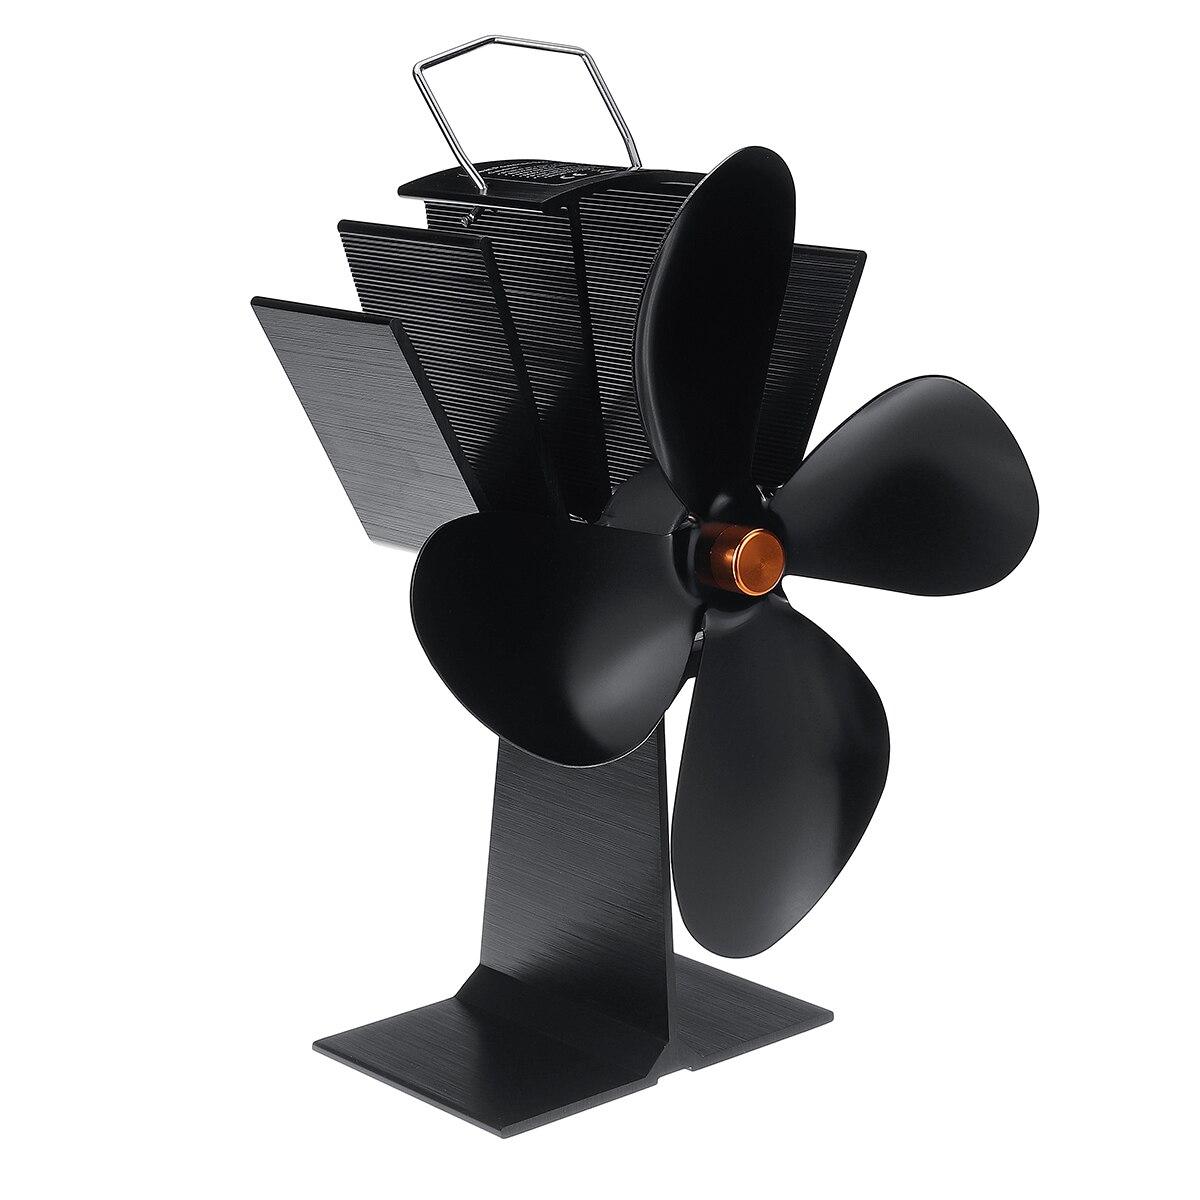 4 Blade Heat Powered Stove Fan Black Fireplace Burner Eco Friendly Quiet Fan Home Fireplace Fan Efficient Heat Distribution